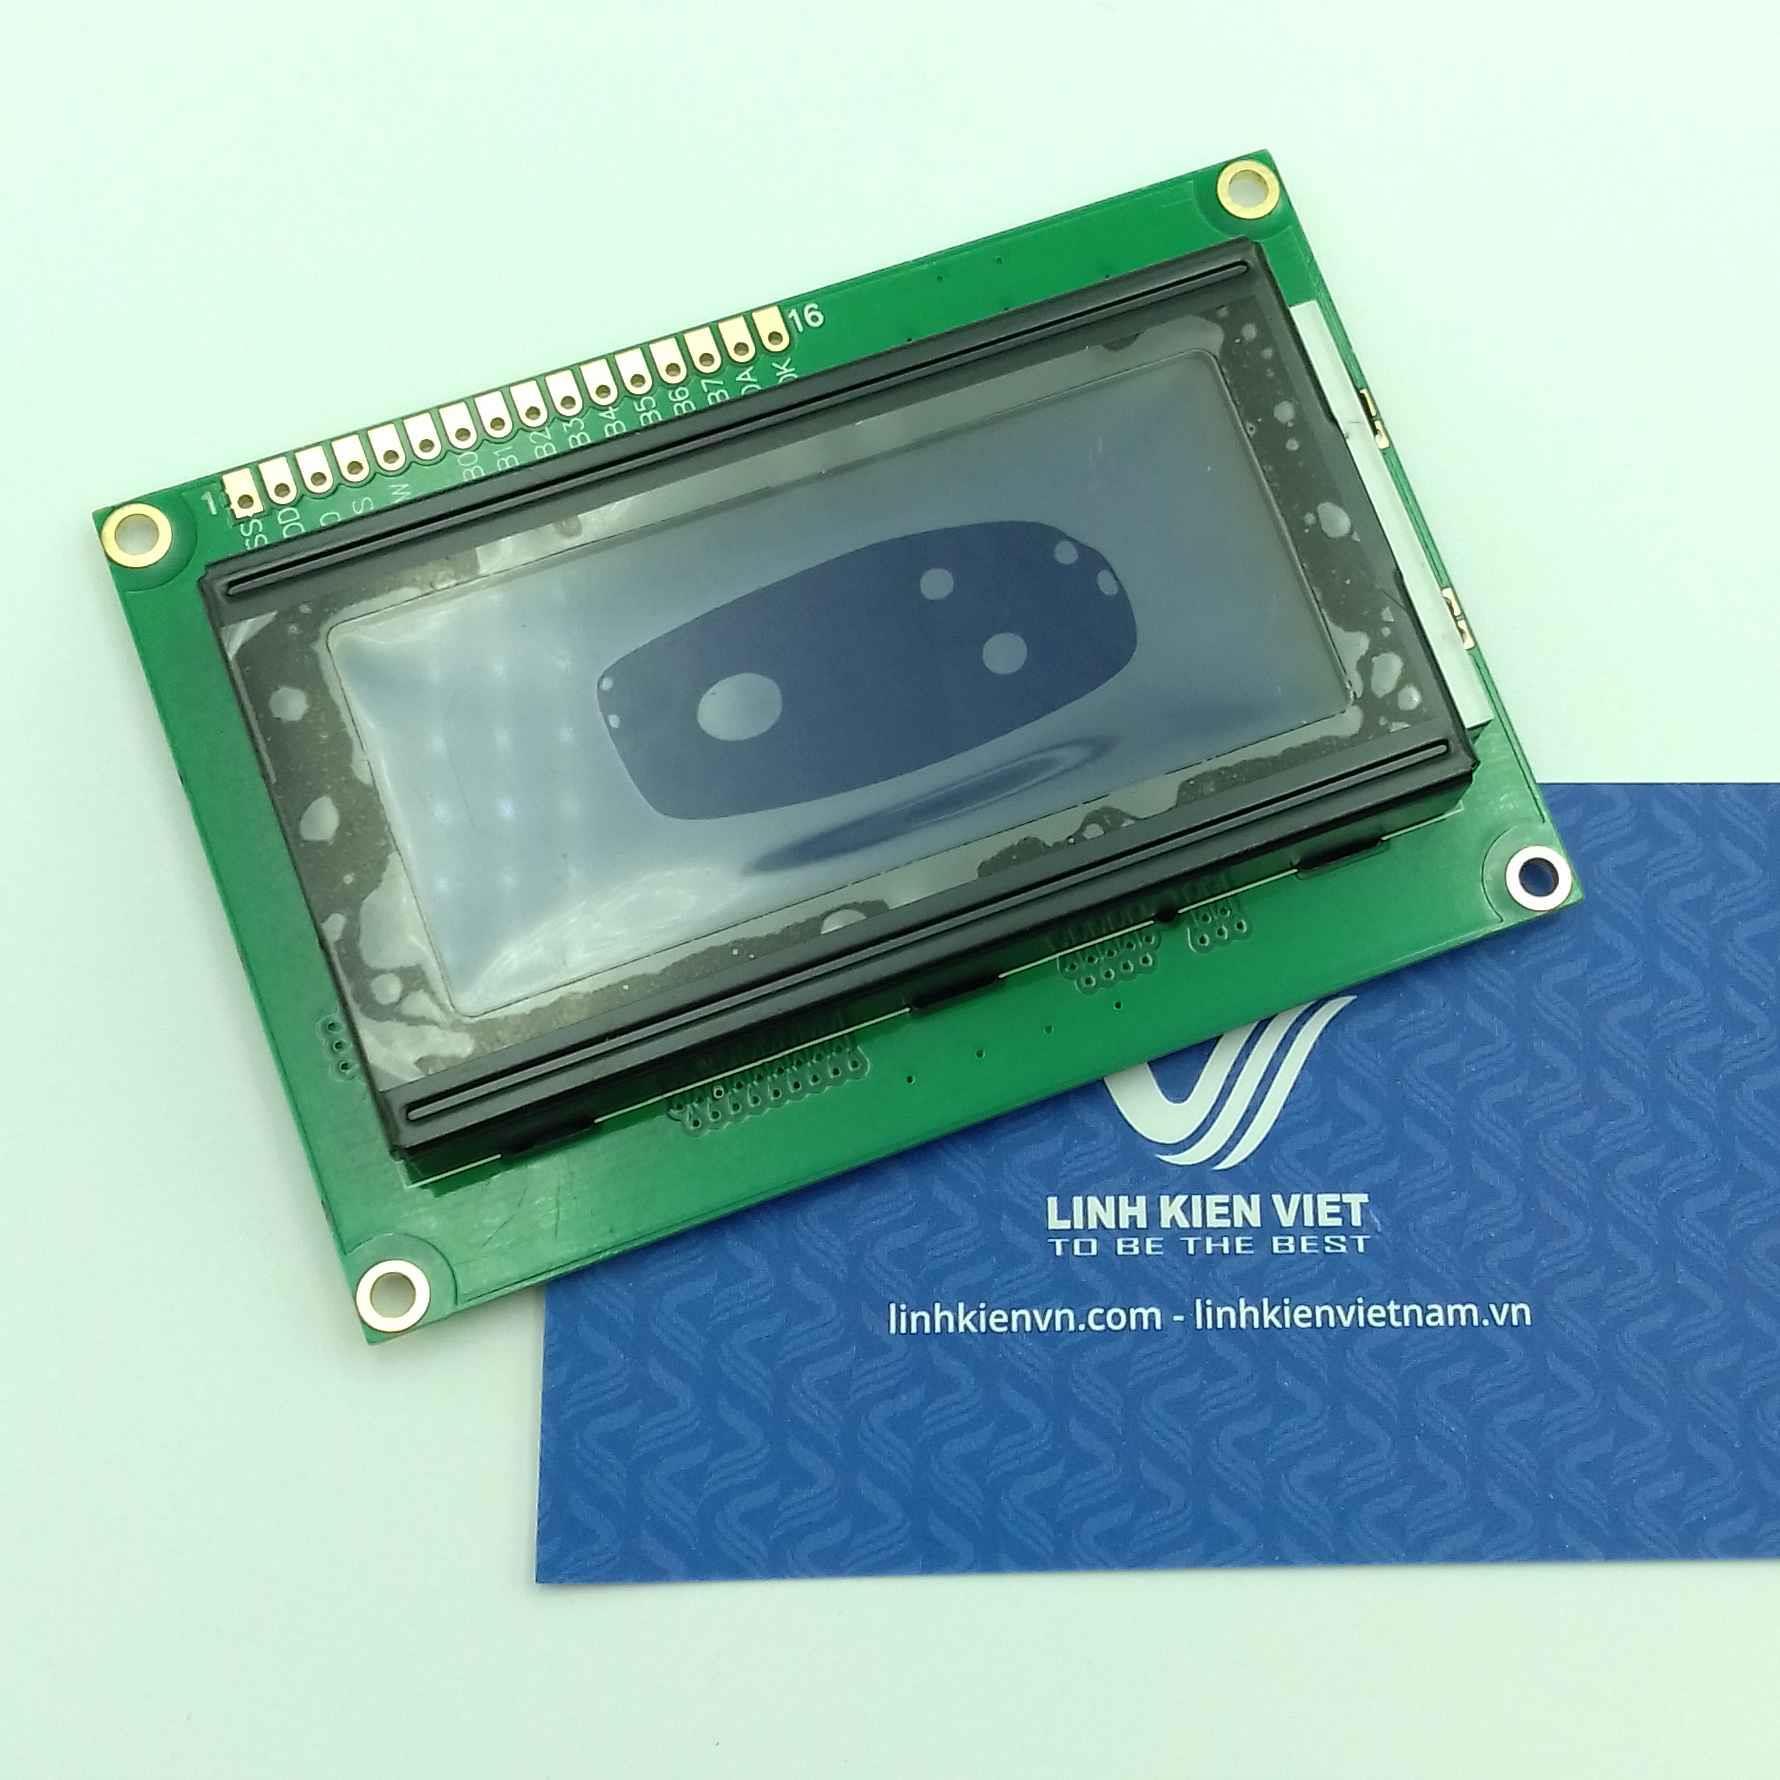 LCD 1604 xanh dương/ Màn hình hiển thị LCD 1604 màu xanh dương - J1H6